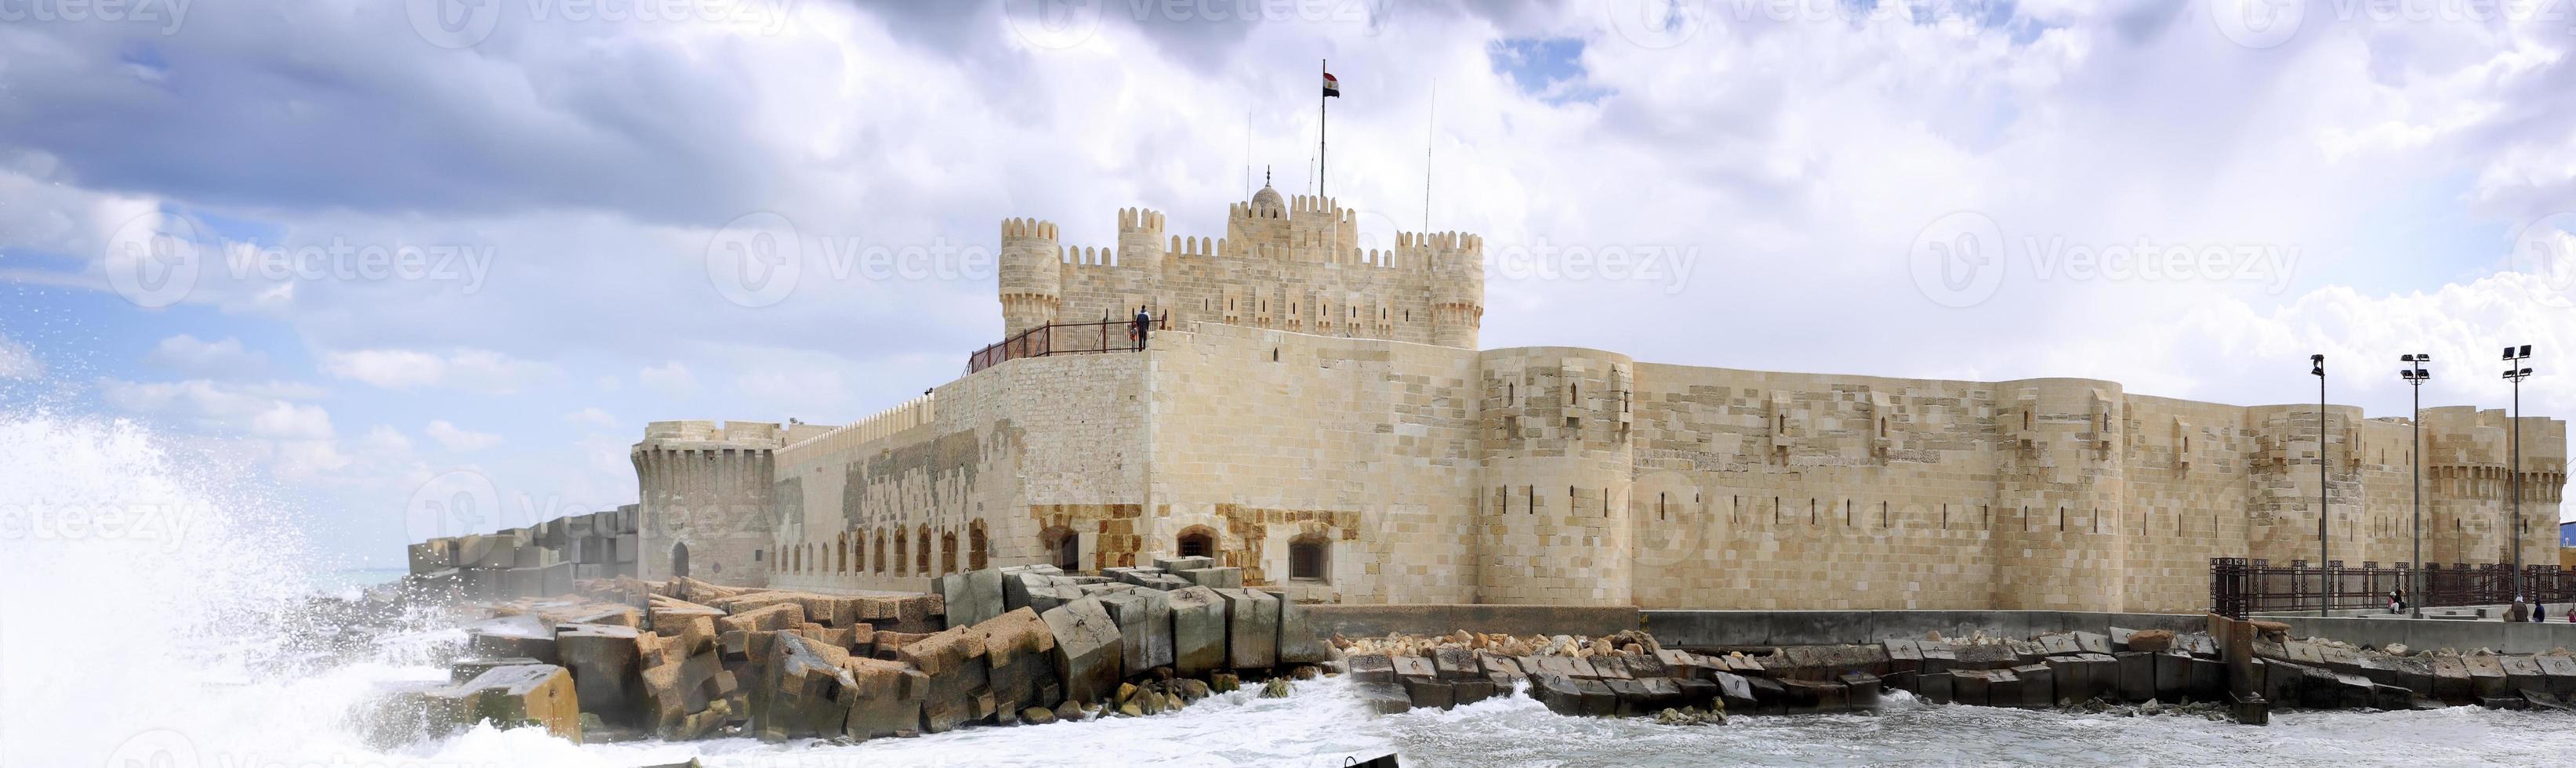 Kite-Bey Festung Platz Ruinen in Alexandria. foto